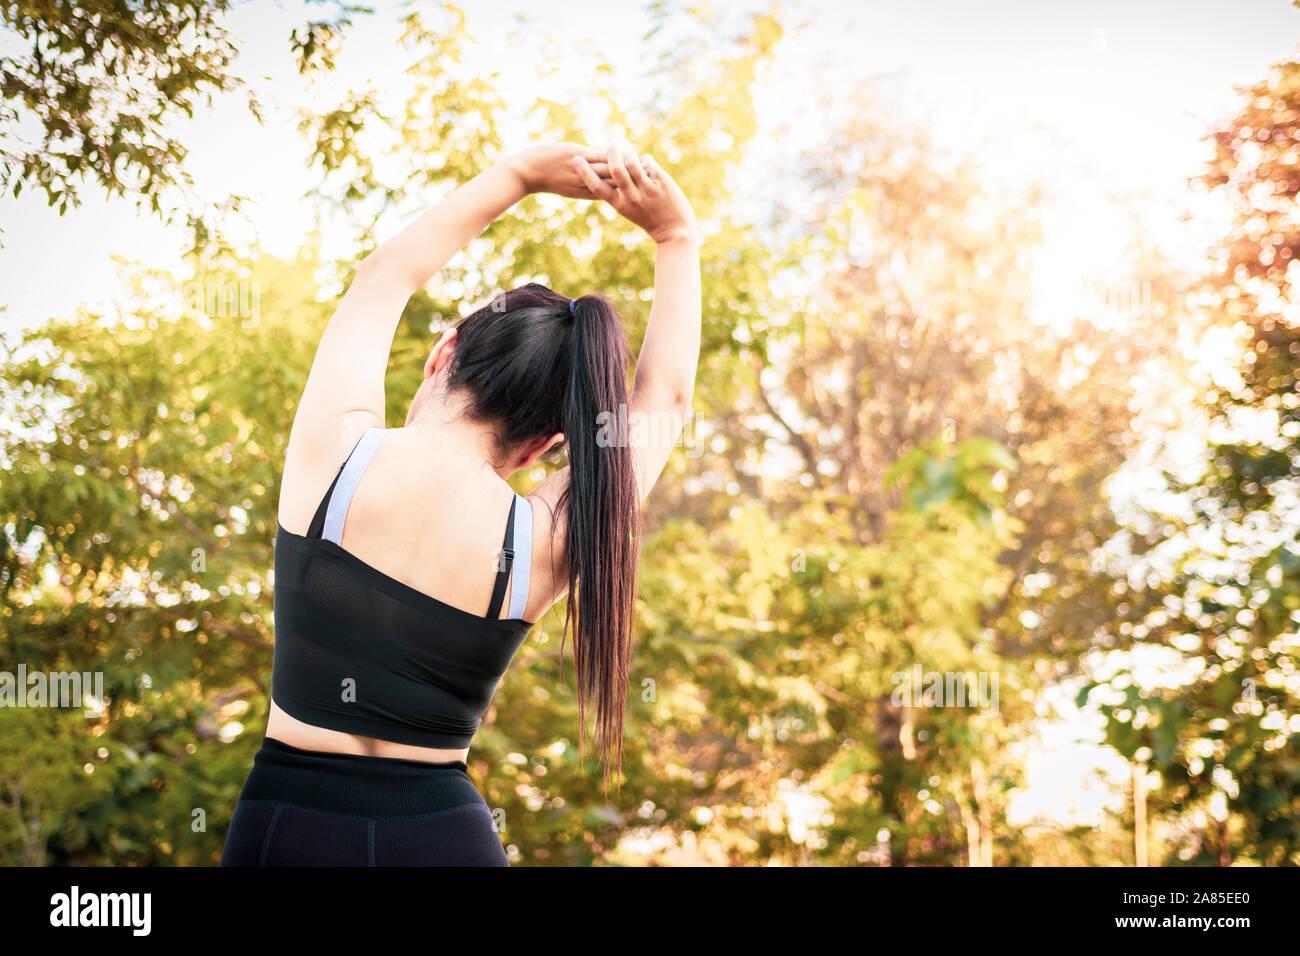 Schöne Frau zu tun Stretching Übungen auf dem Boden. Junge sportliche Frau, trainieren im Sommer Park. Stockfoto